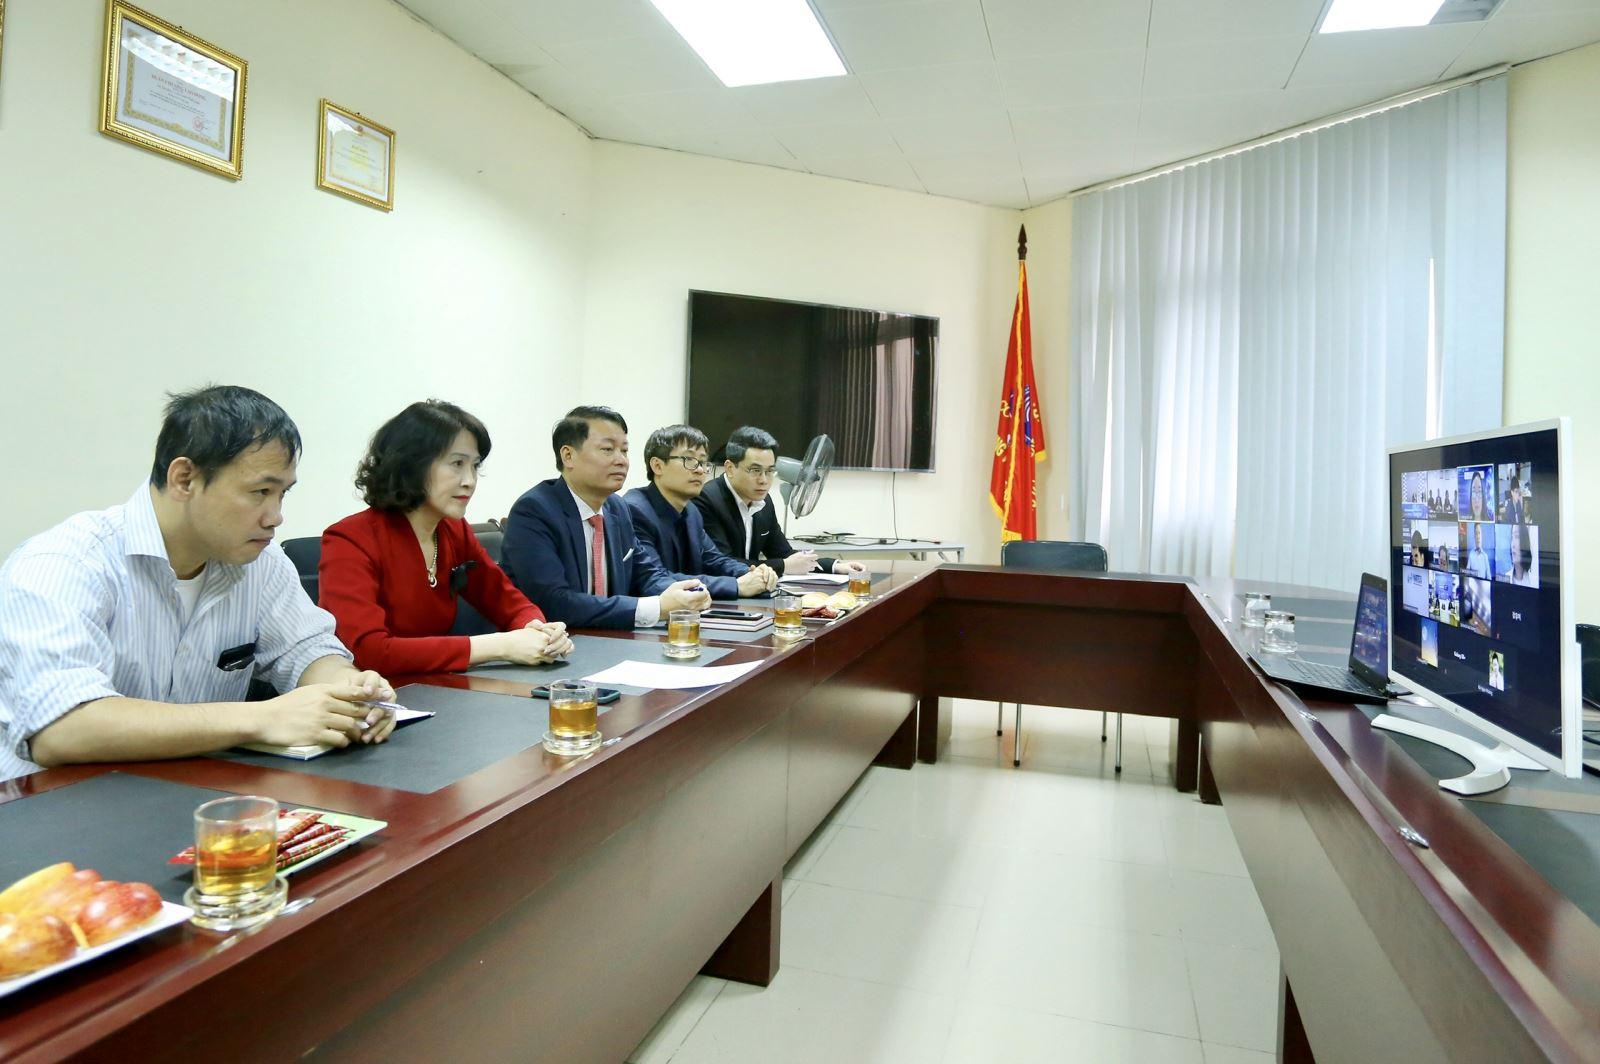 """Khai mạc """"Chương trình kết nối công nghệ trực tuyến lĩnh vực công nghiệp phụ trợ"""" với các đối tác thành phố Changwon, Hàn Quốc"""